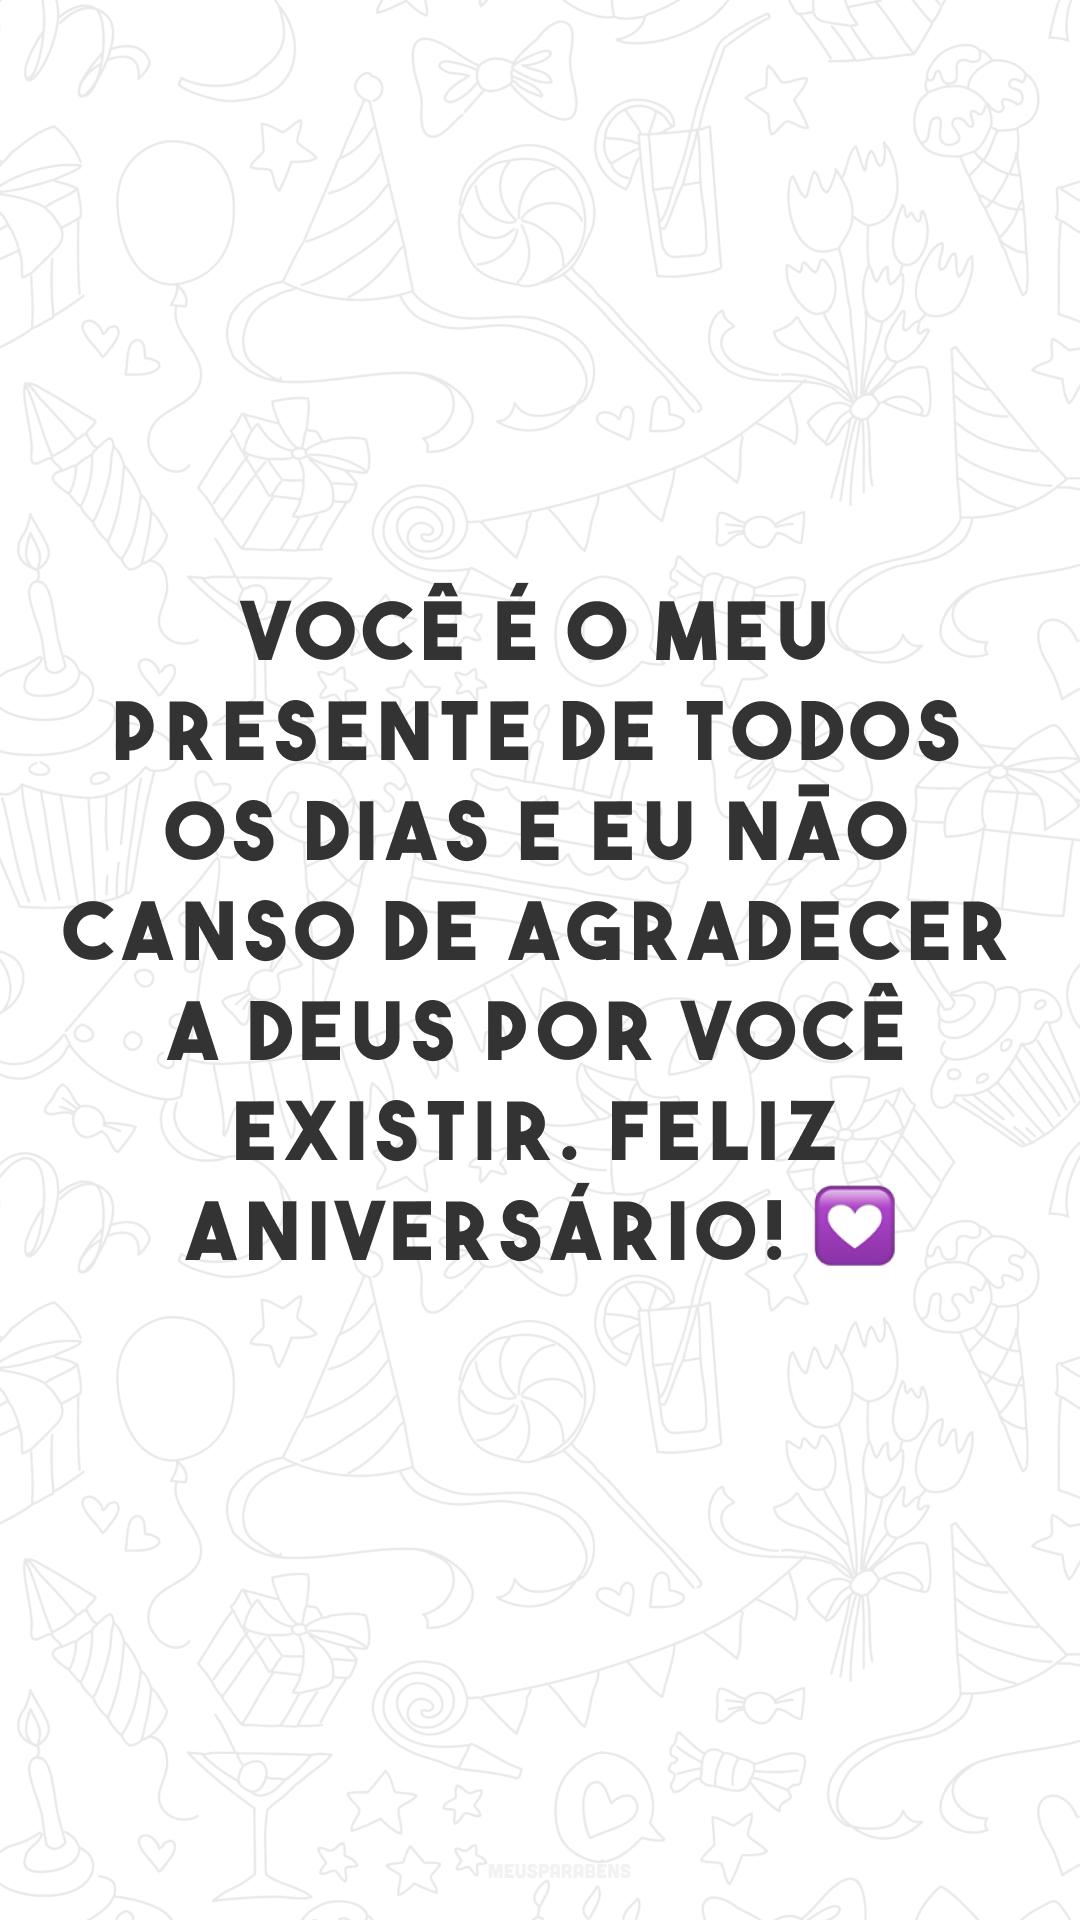 Você é o meu presente de todos os dias e eu não canso de agradecer a Deus por você existir. Feliz aniversário! 💟